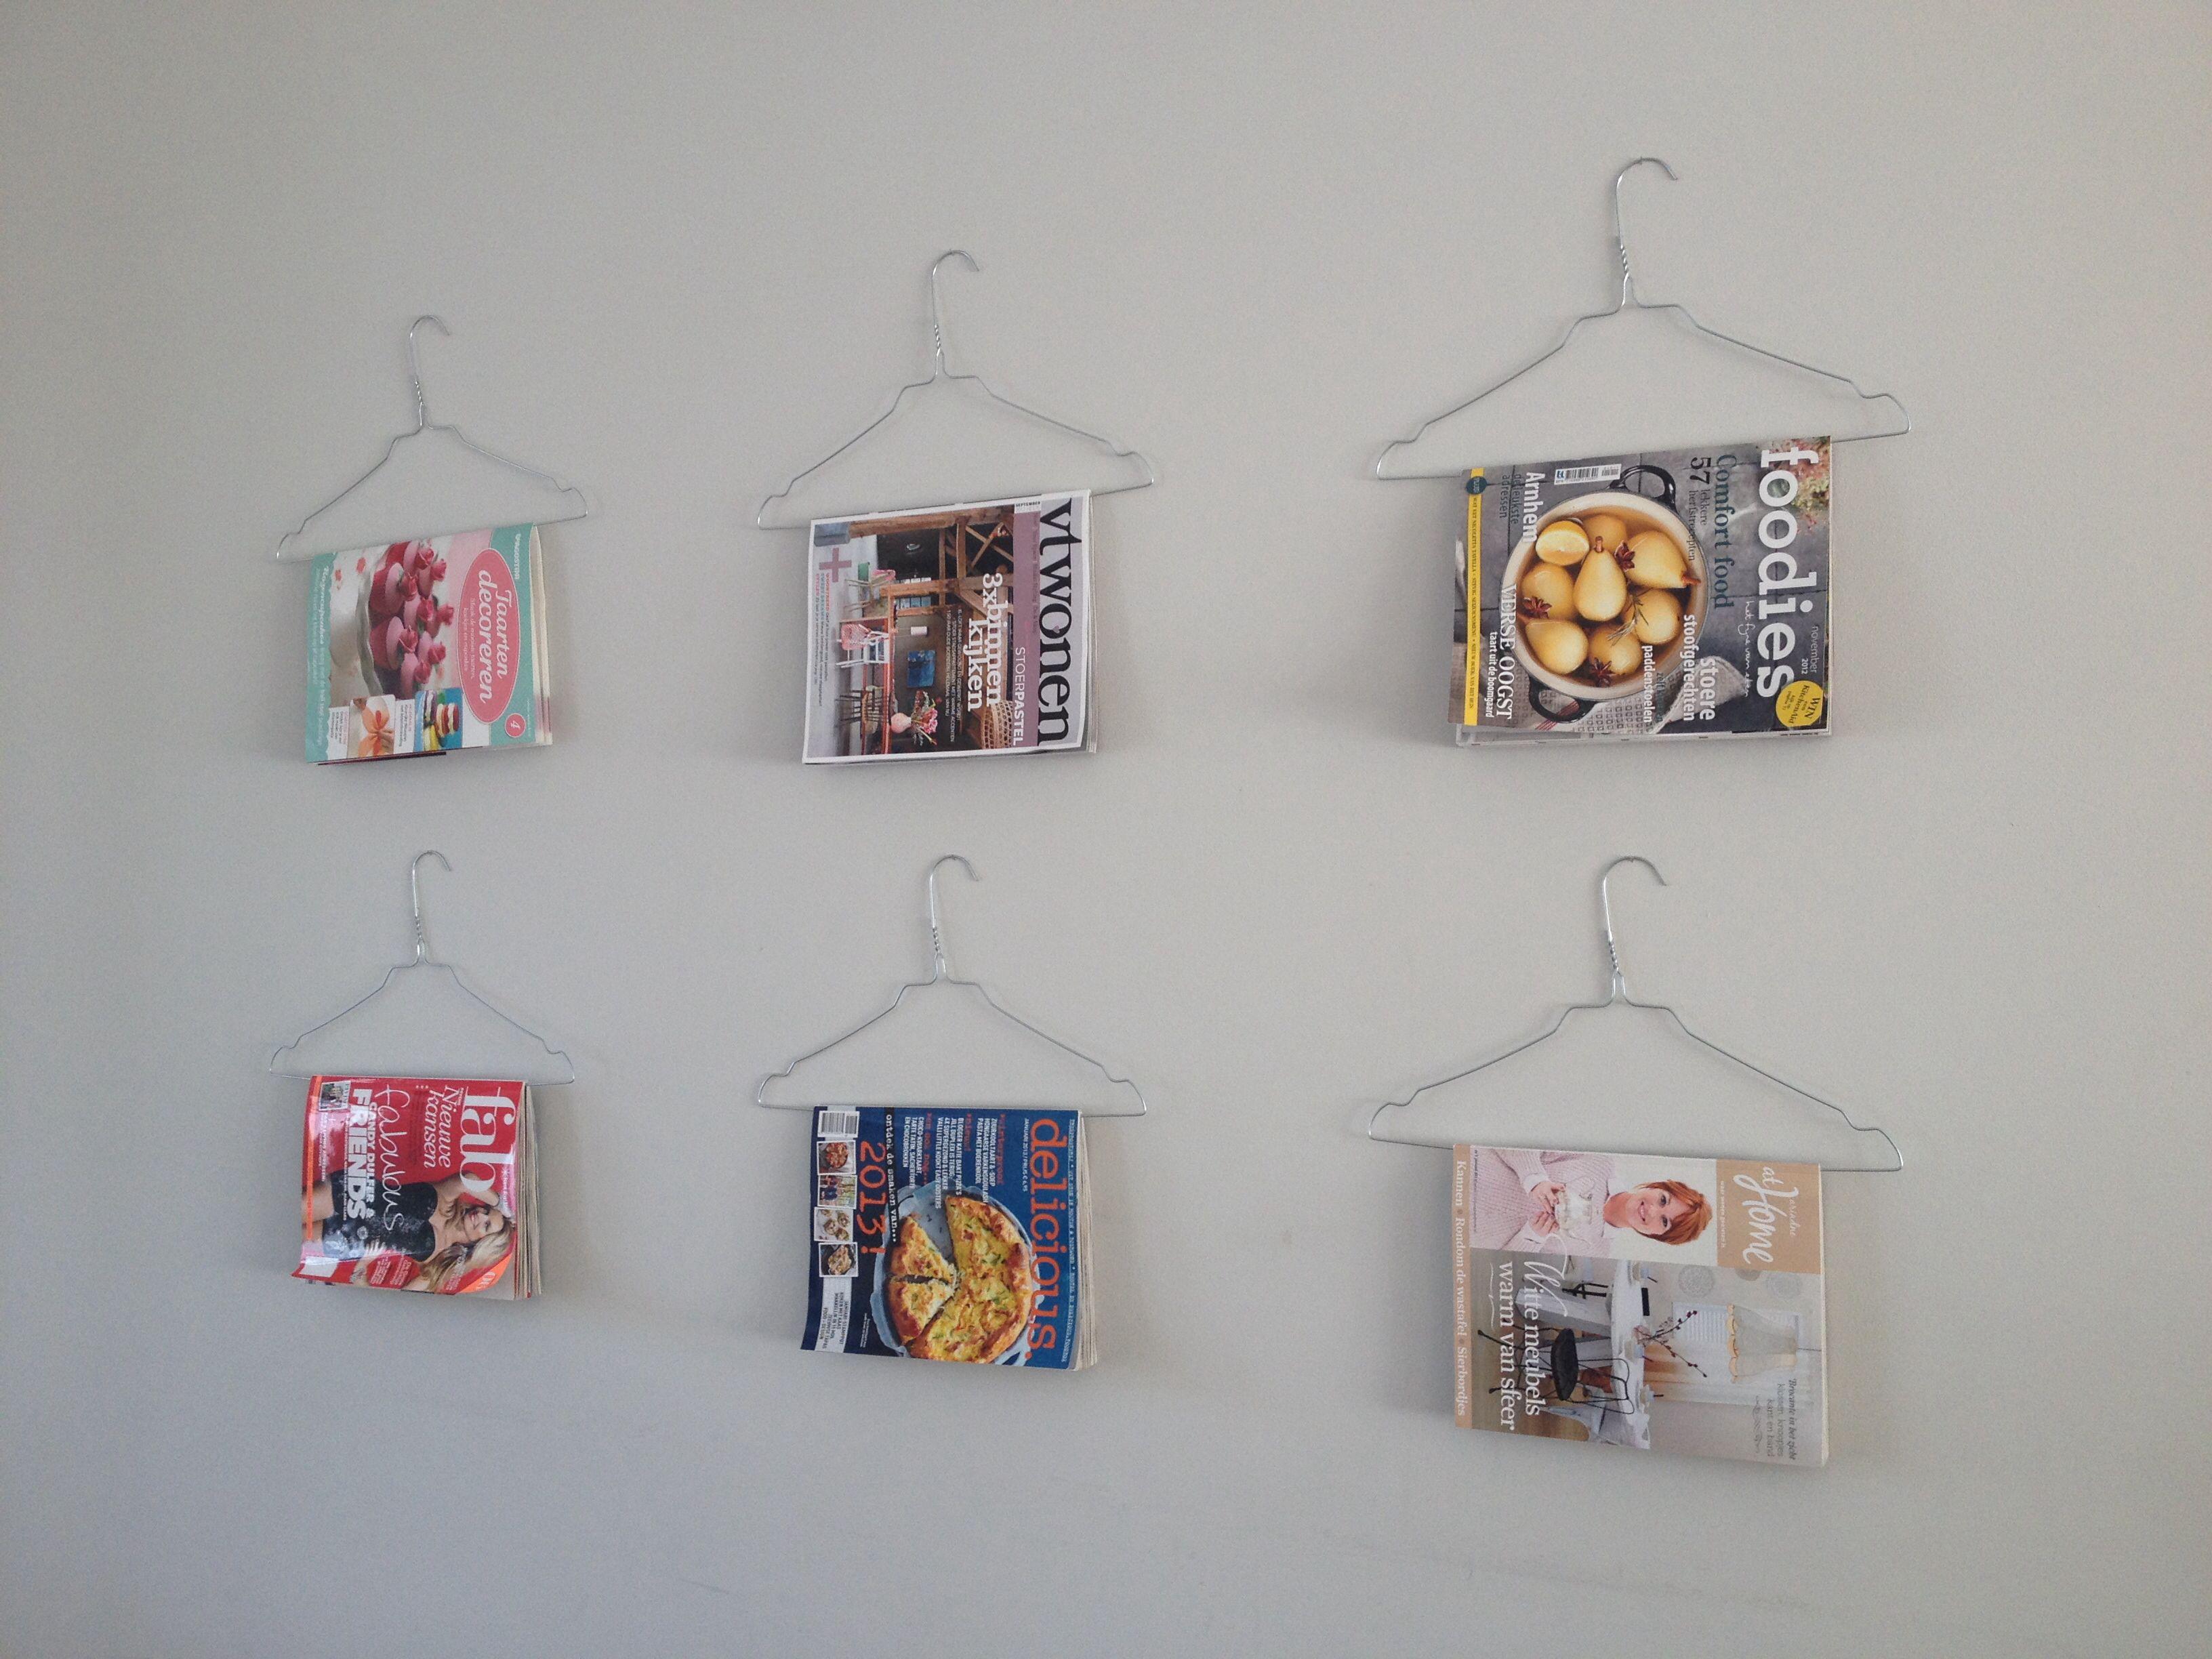 Muurdecoratie Woonkamer Ideeen : Muurdecoratie Ideeën voor het huis ...